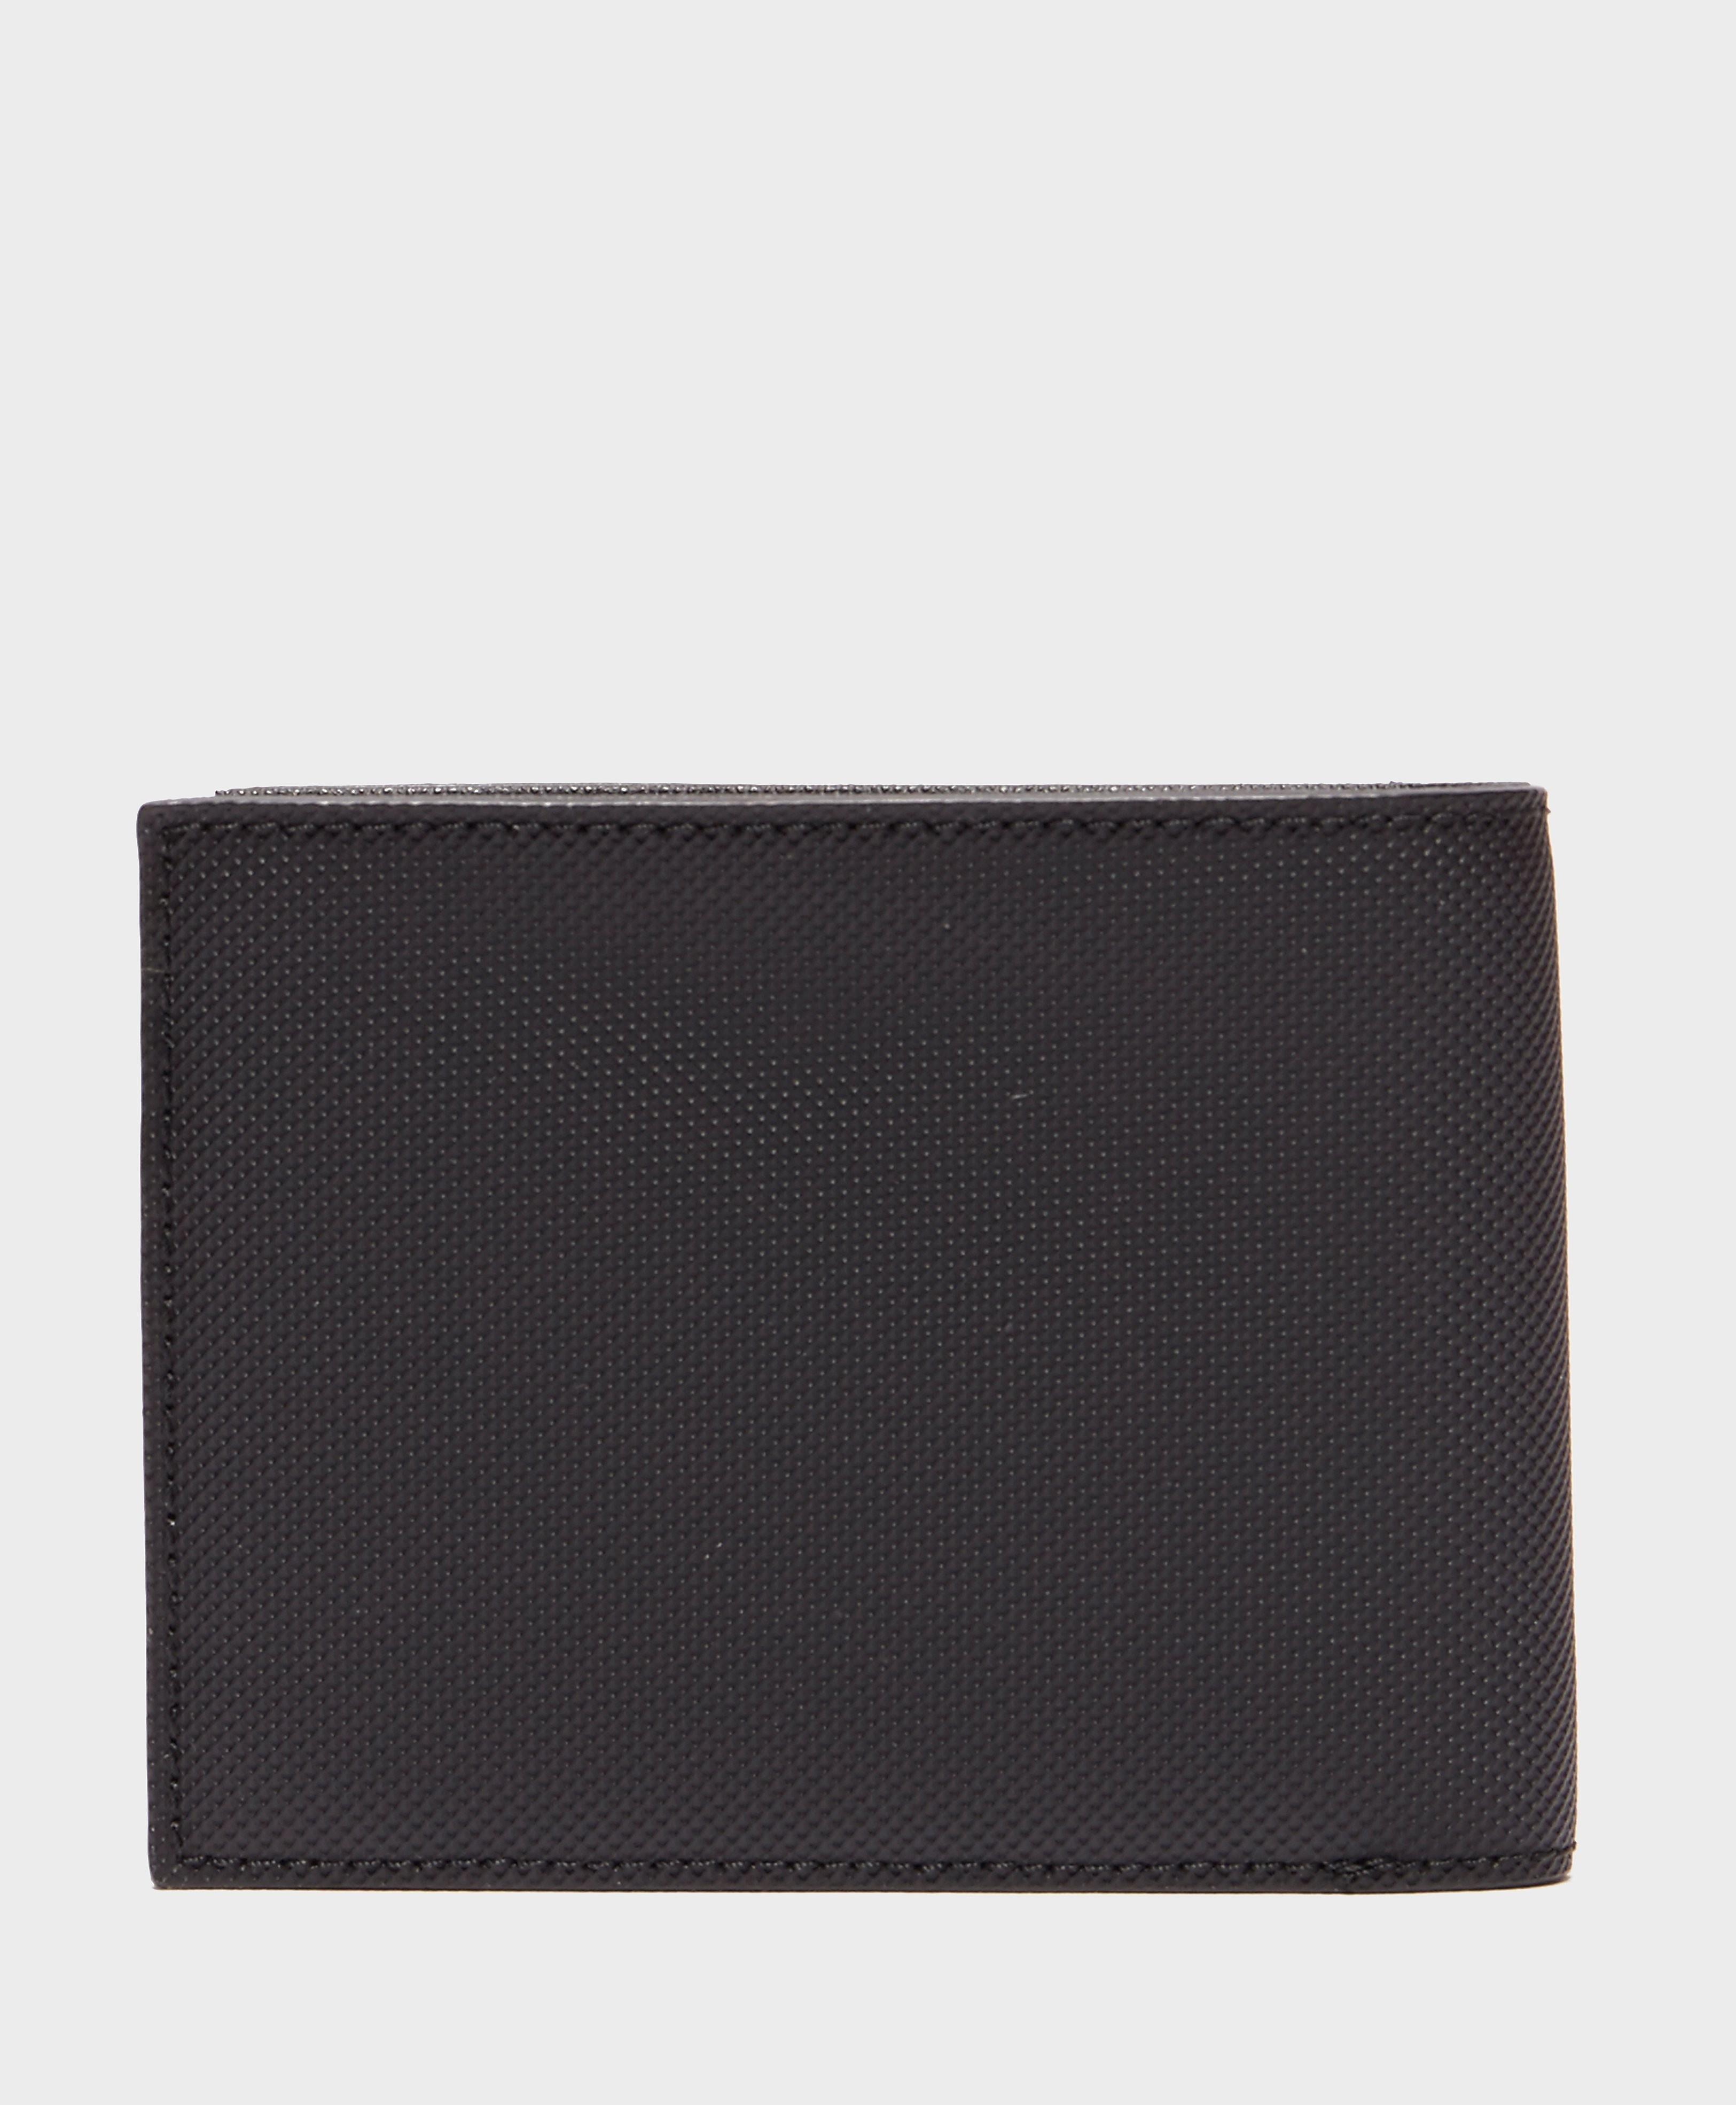 Lacoste Billfold Wallet